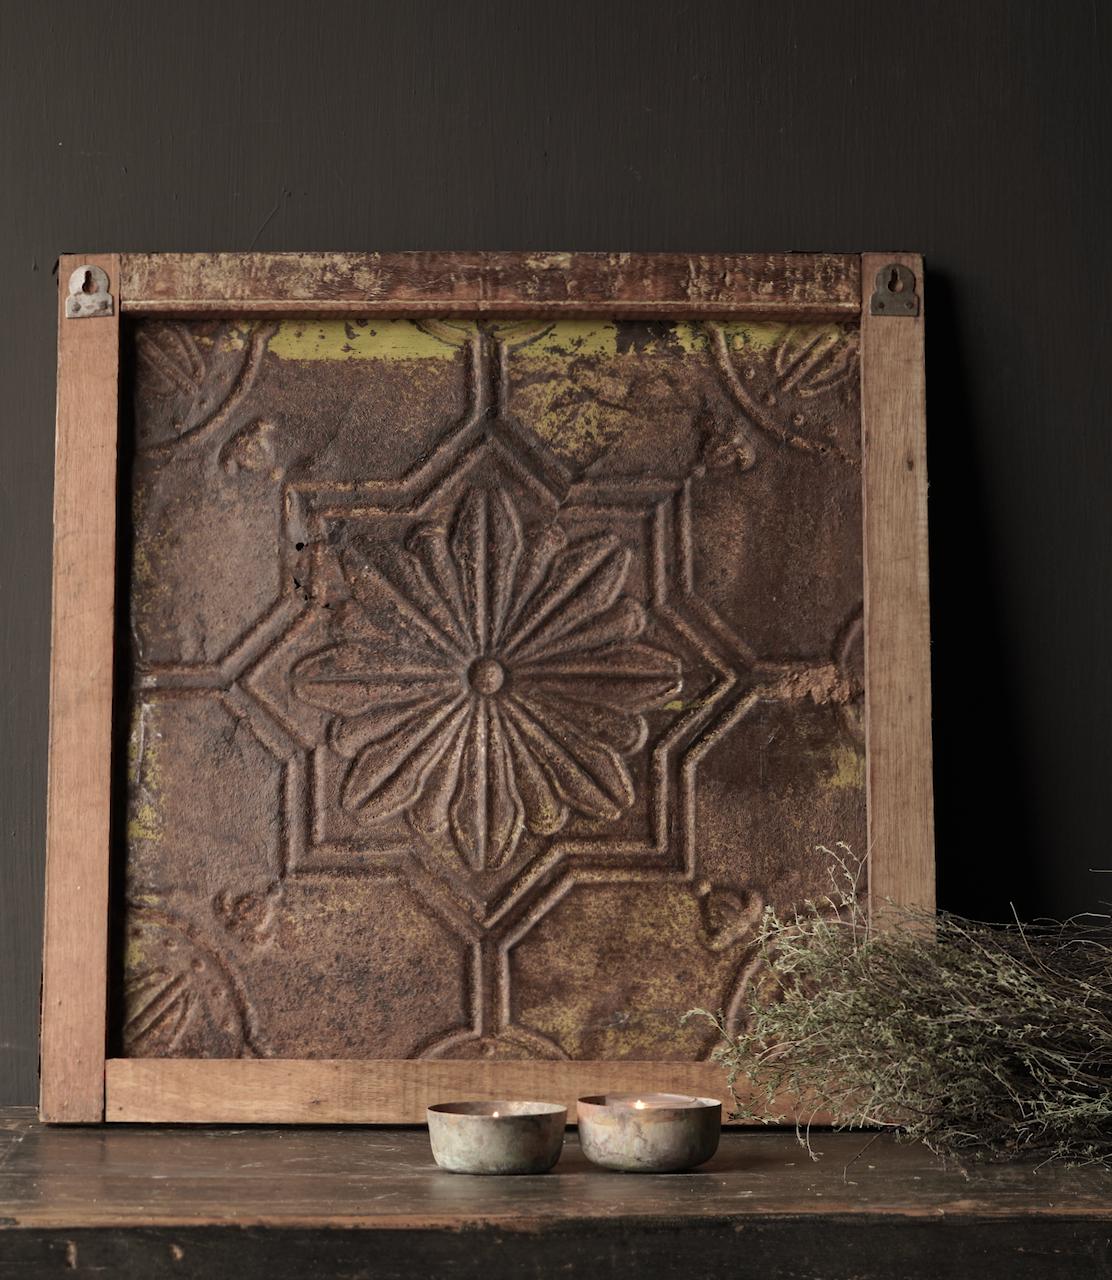 Schöne alte Deckenplatte, eingerahmt in einen Holzrahmen-4